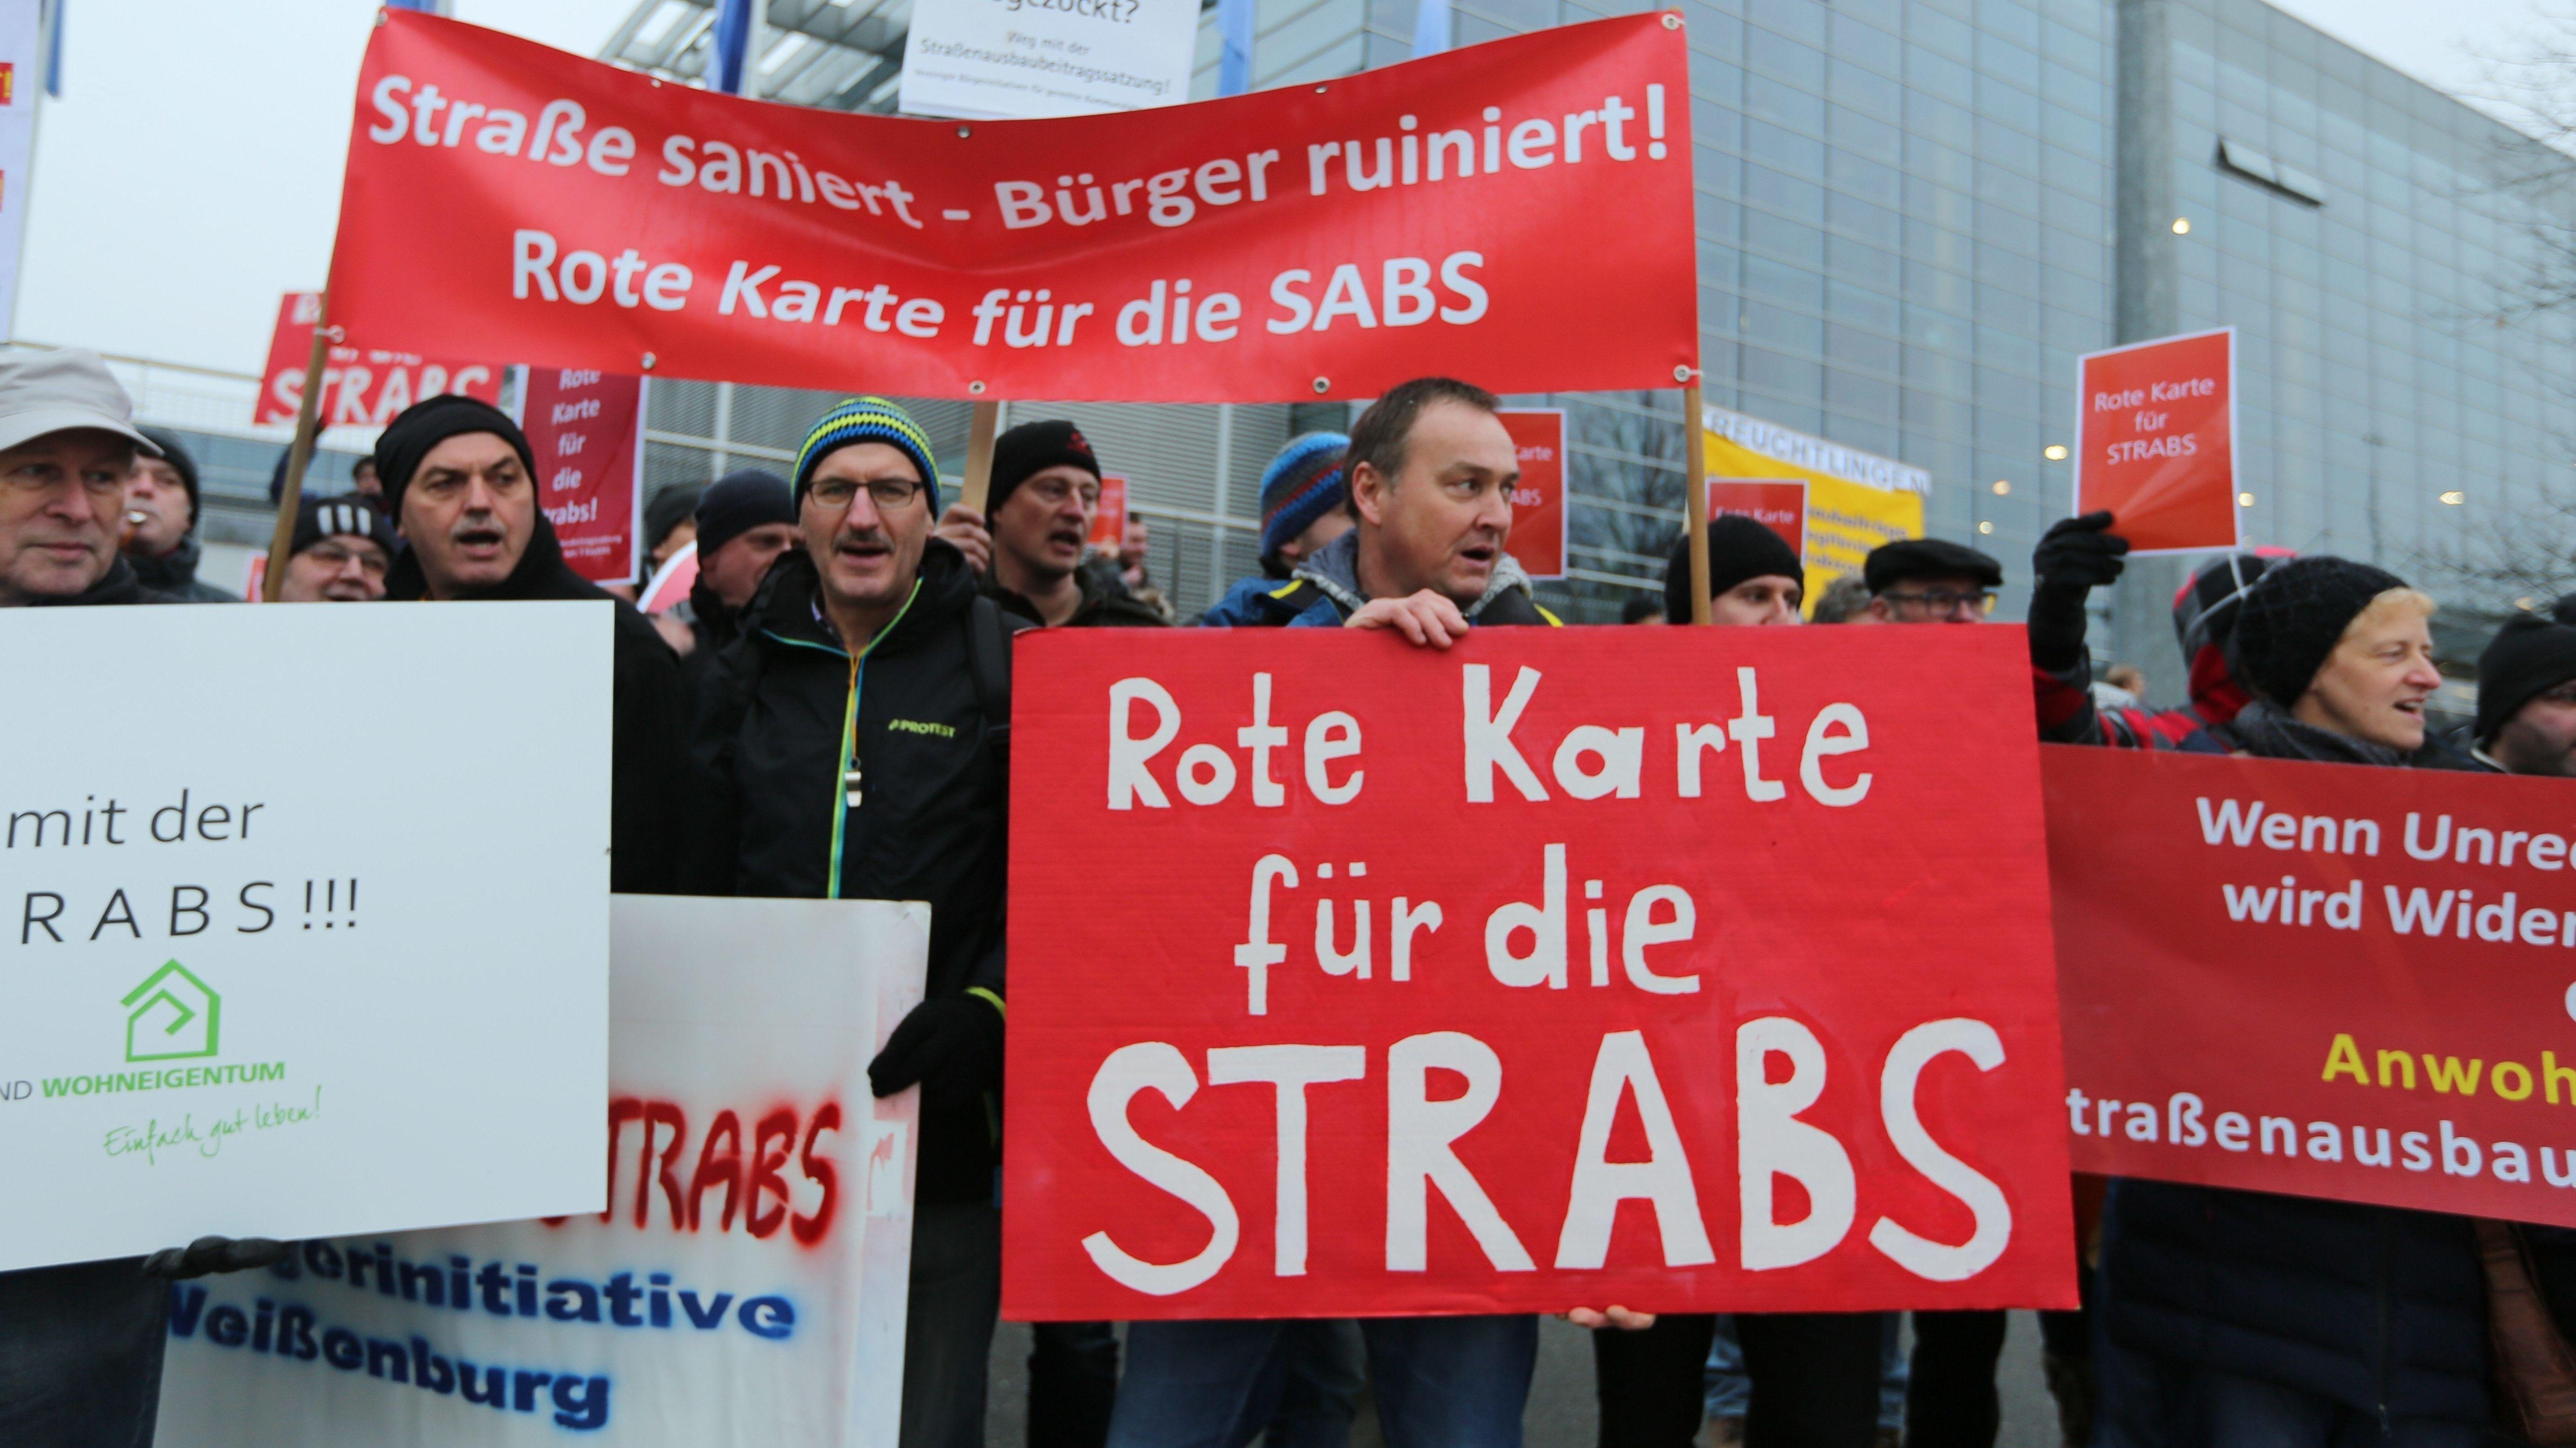 """Demonstrierende halten Plakate gegen """"Strabs"""" hoch mit der Aufschrift """"Rote Karte für die Strabs"""" und """"Straße saniert - Bürger ruiniert! Rote Karte für die Strabs""""."""